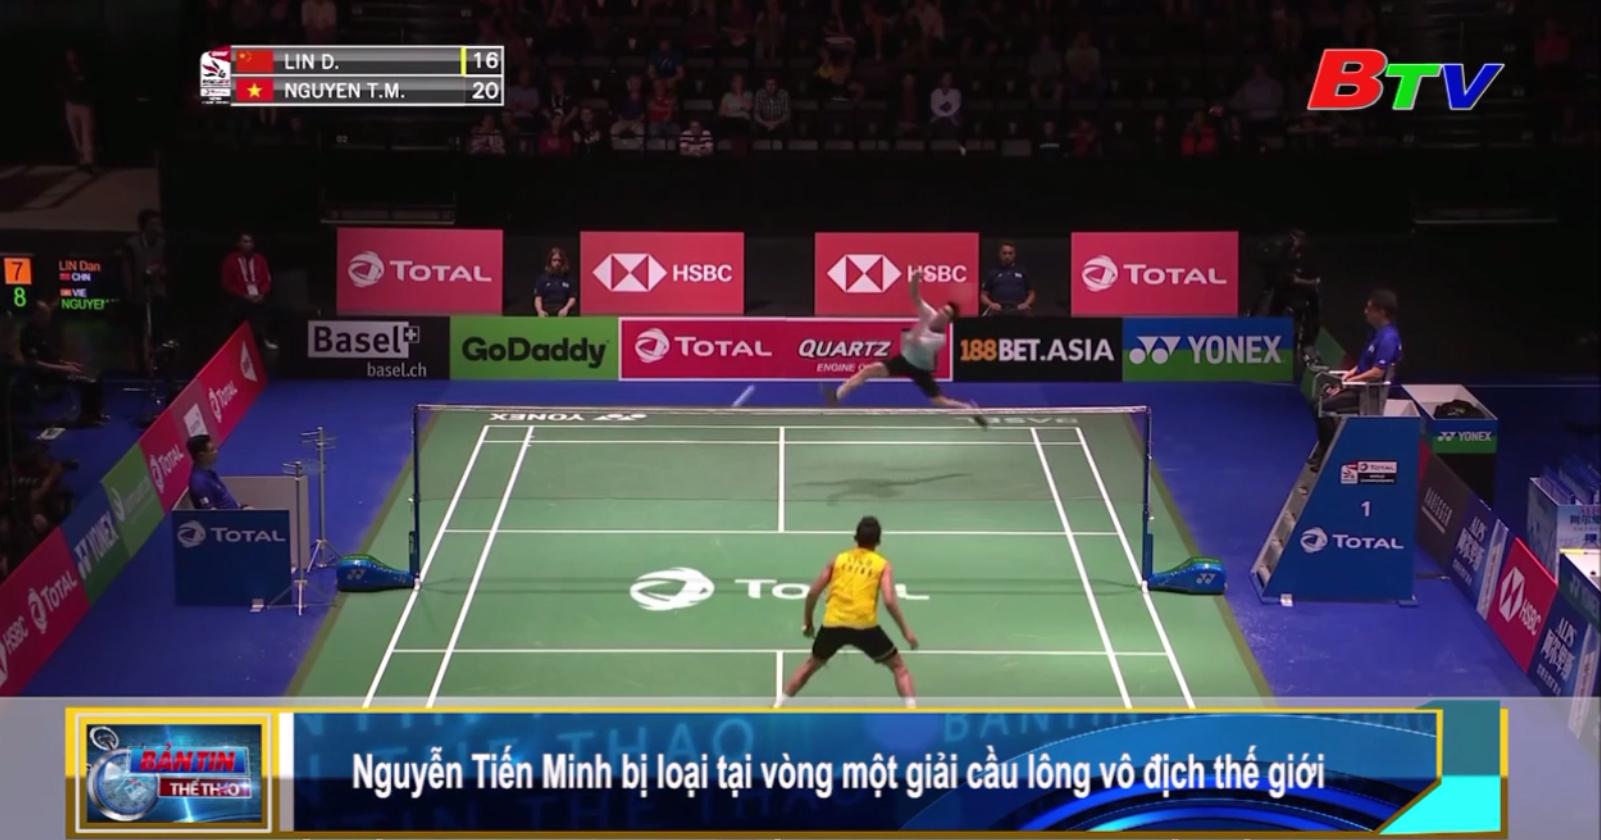 Nguyễn Tiến Minh bị loại tại vòng một giải cầu lông vô địch thế giới